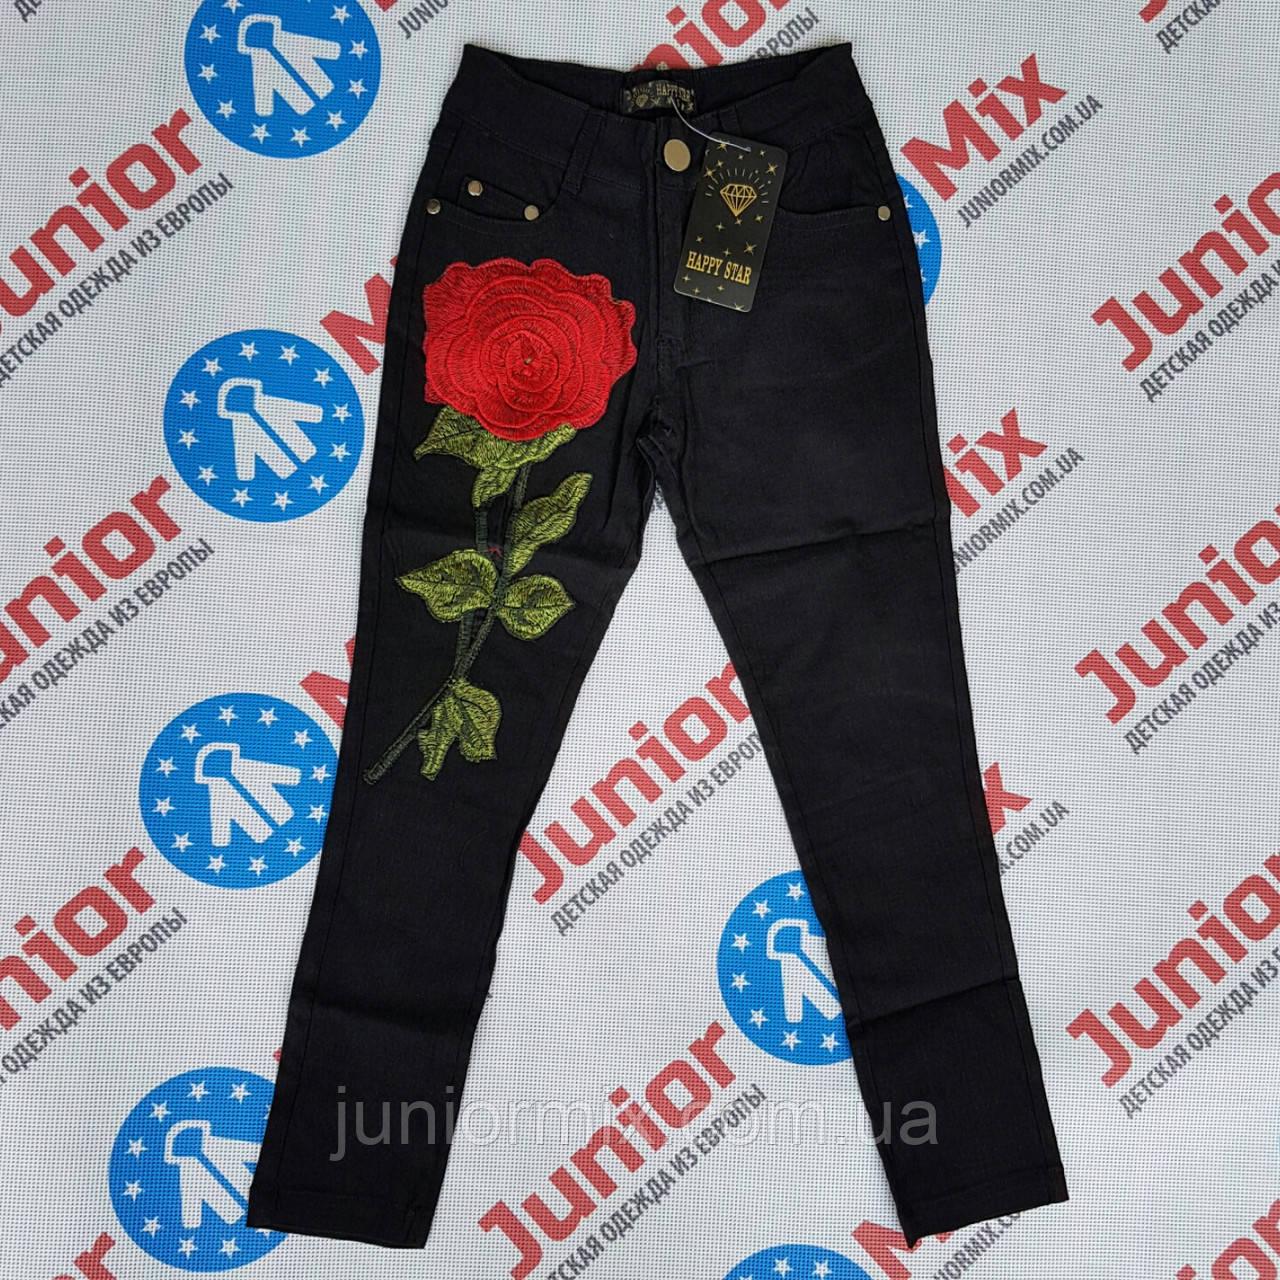 Дитячі штани на дівчинку з трояндою HEPPY STAR